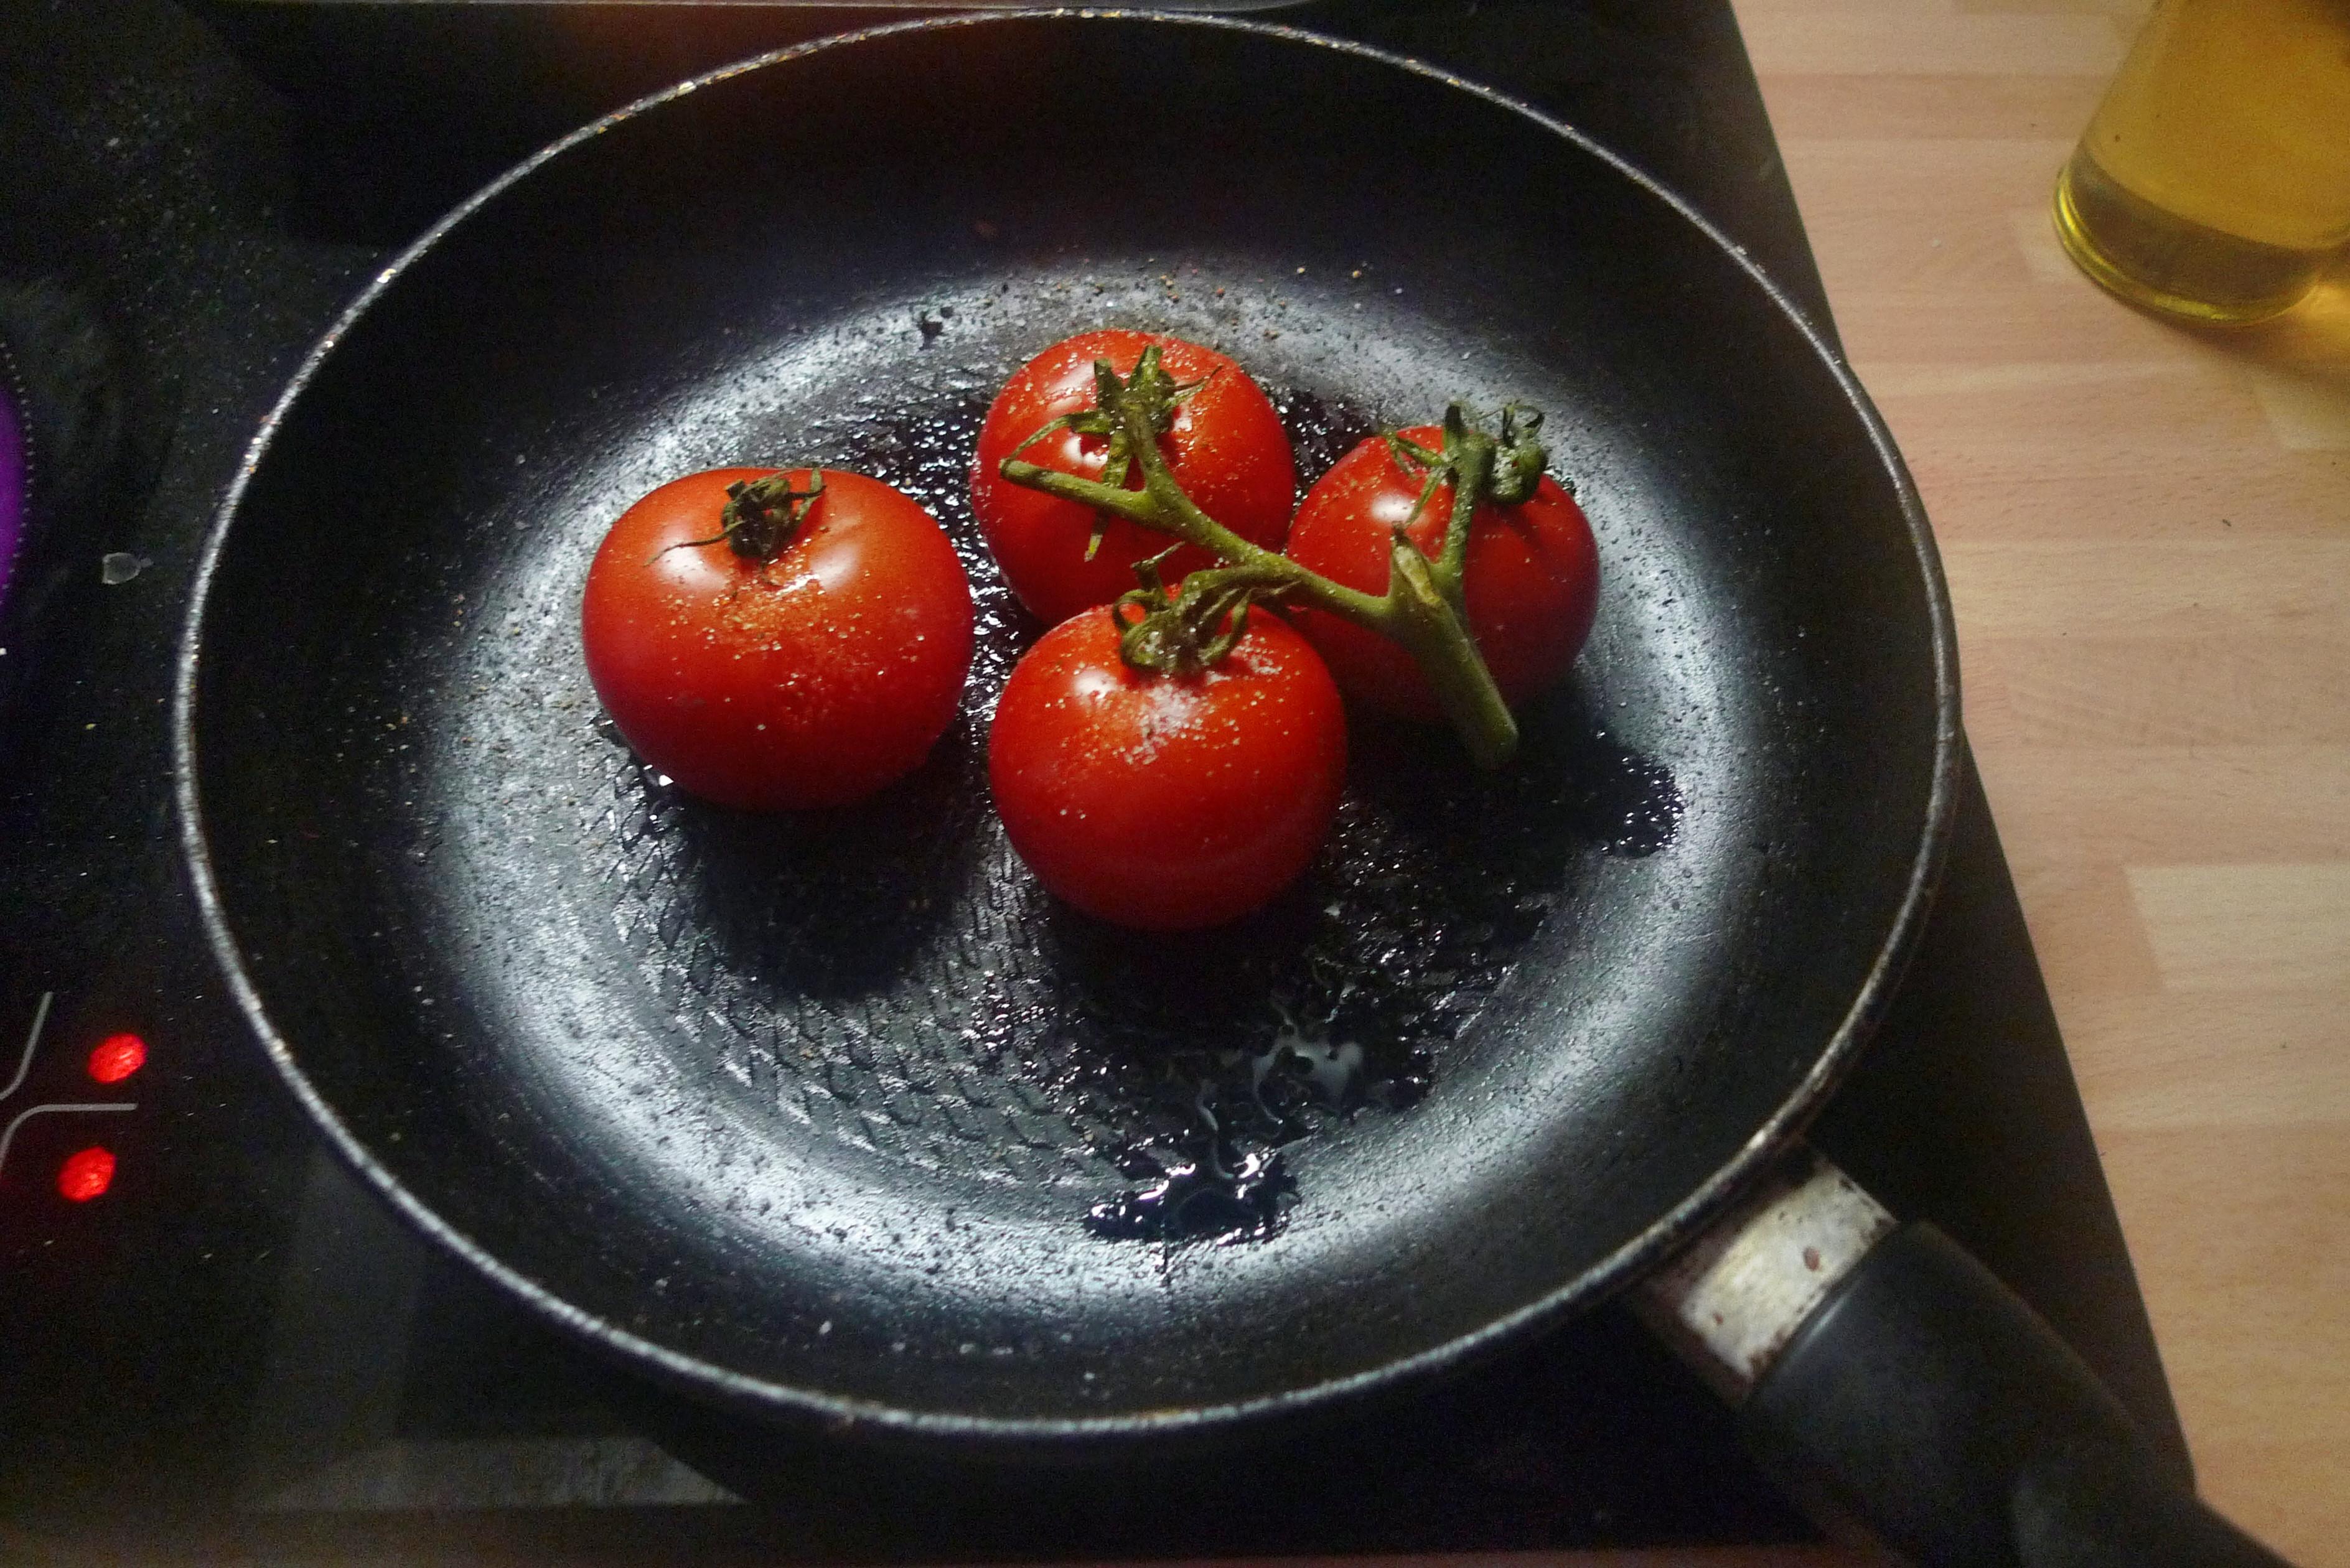 Topinambur-Kohlrabisalat-Gebratene Tomaten-Lachs - 23.10.14   (19)